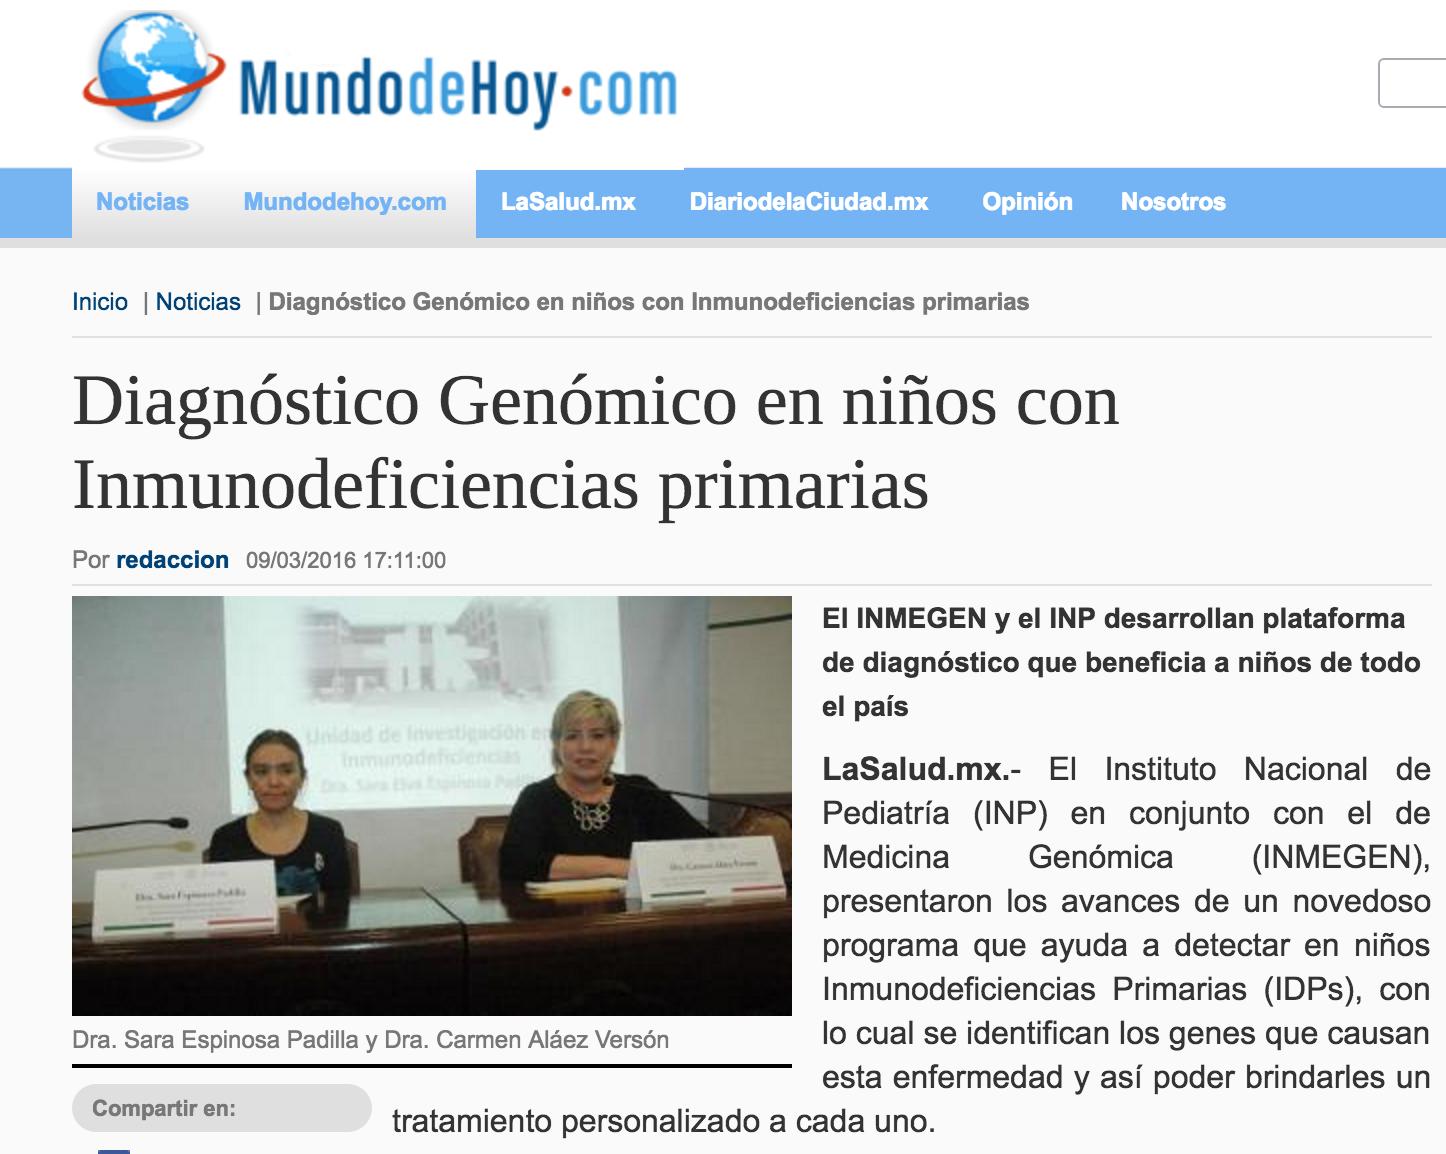 9 de marzo, Diagnóstico Genómico